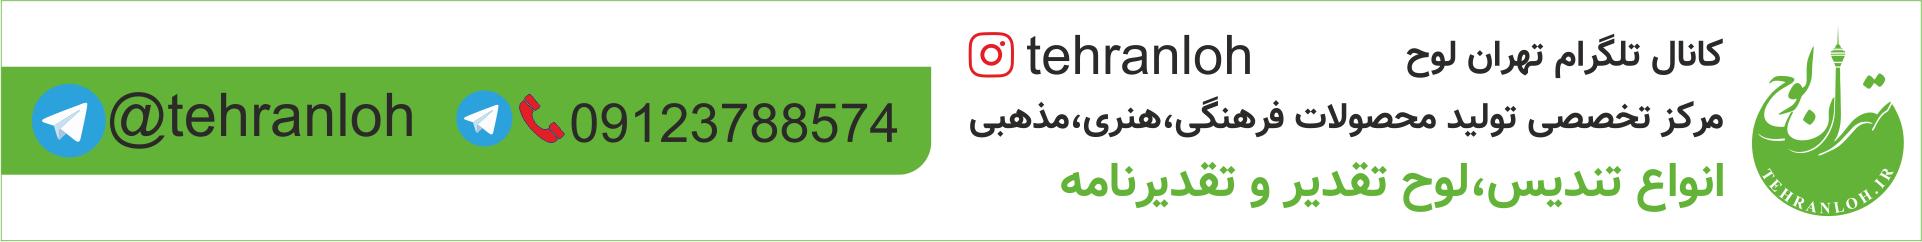 تهران لوح سفارش لوح تقدیر فروش لوح تقدیر خرید لوح تقدیر